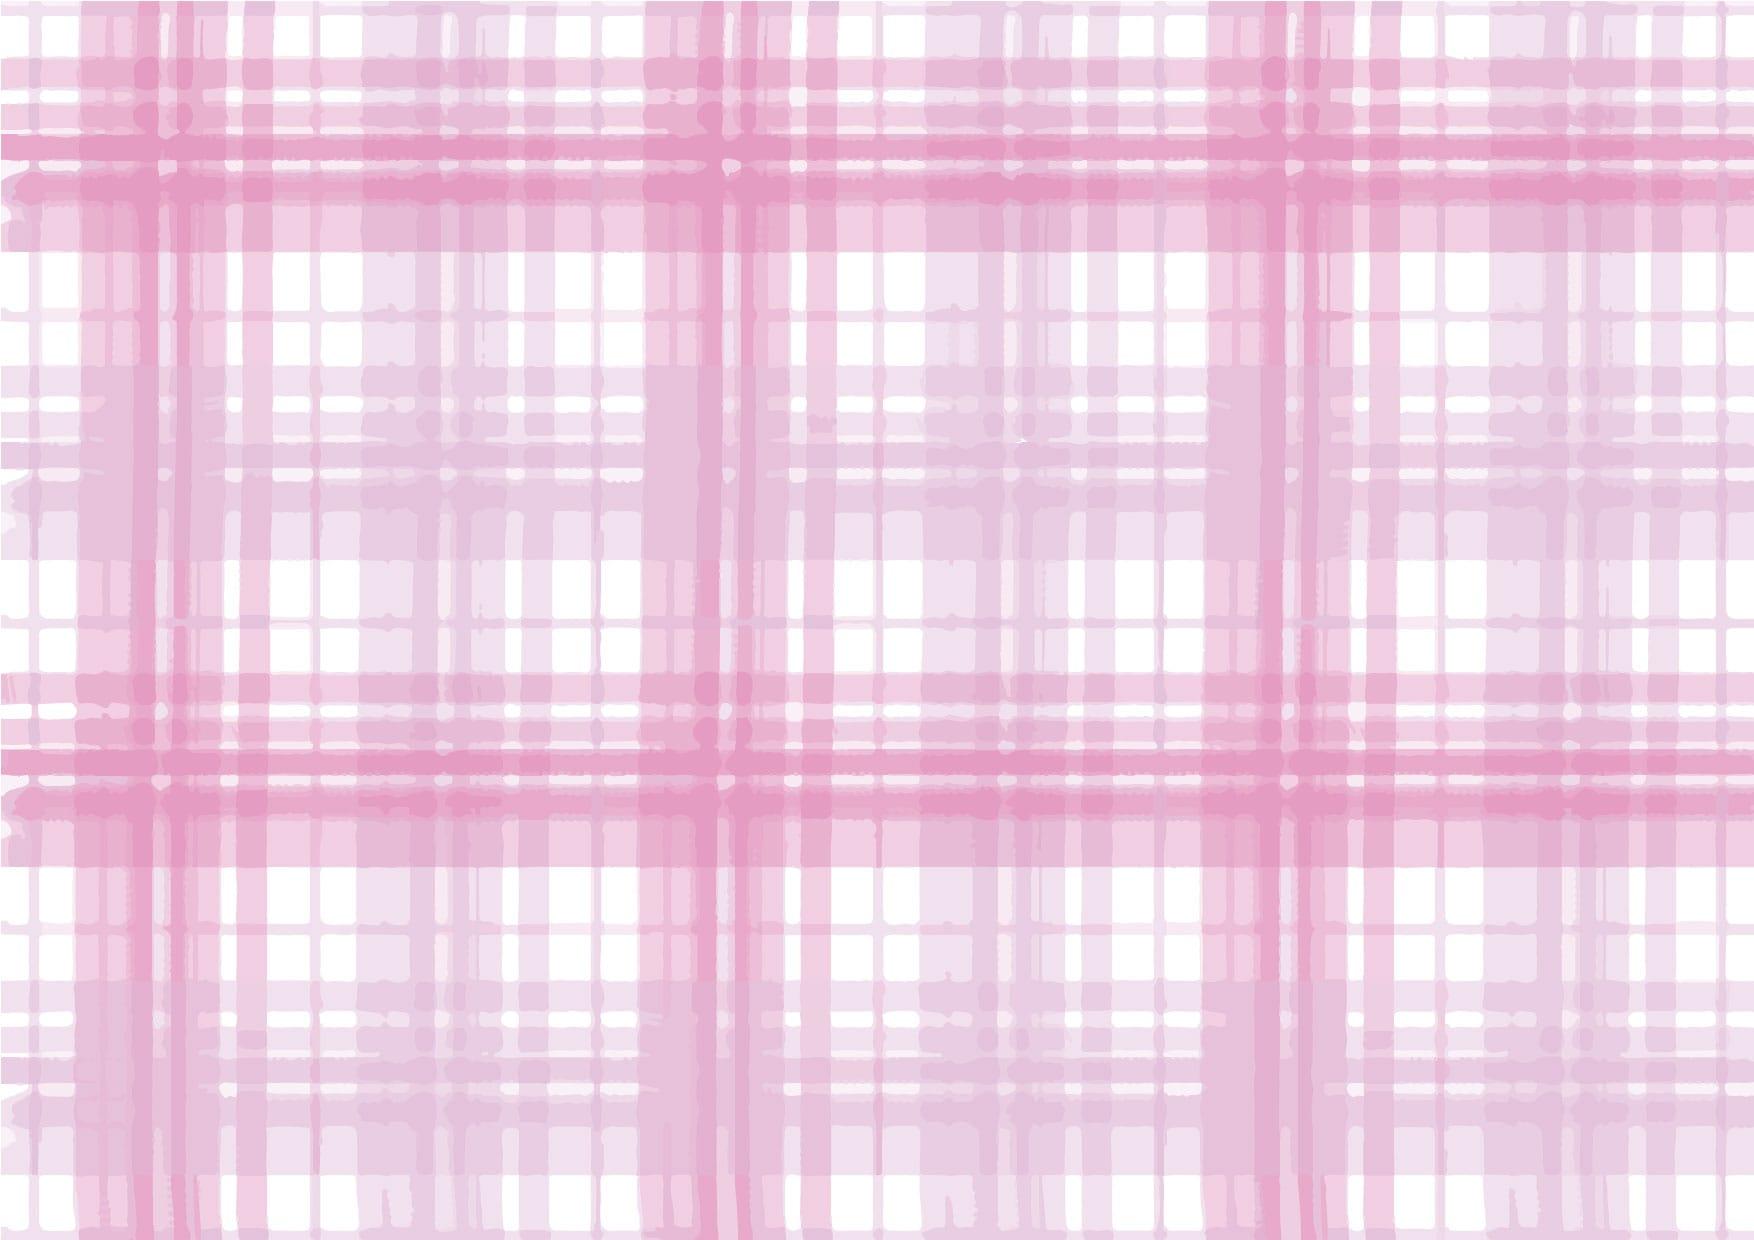 可愛いイラスト無料|手書き チェック柄 ピンク色 背景 − free illustration  Handwritten check pattern pink background